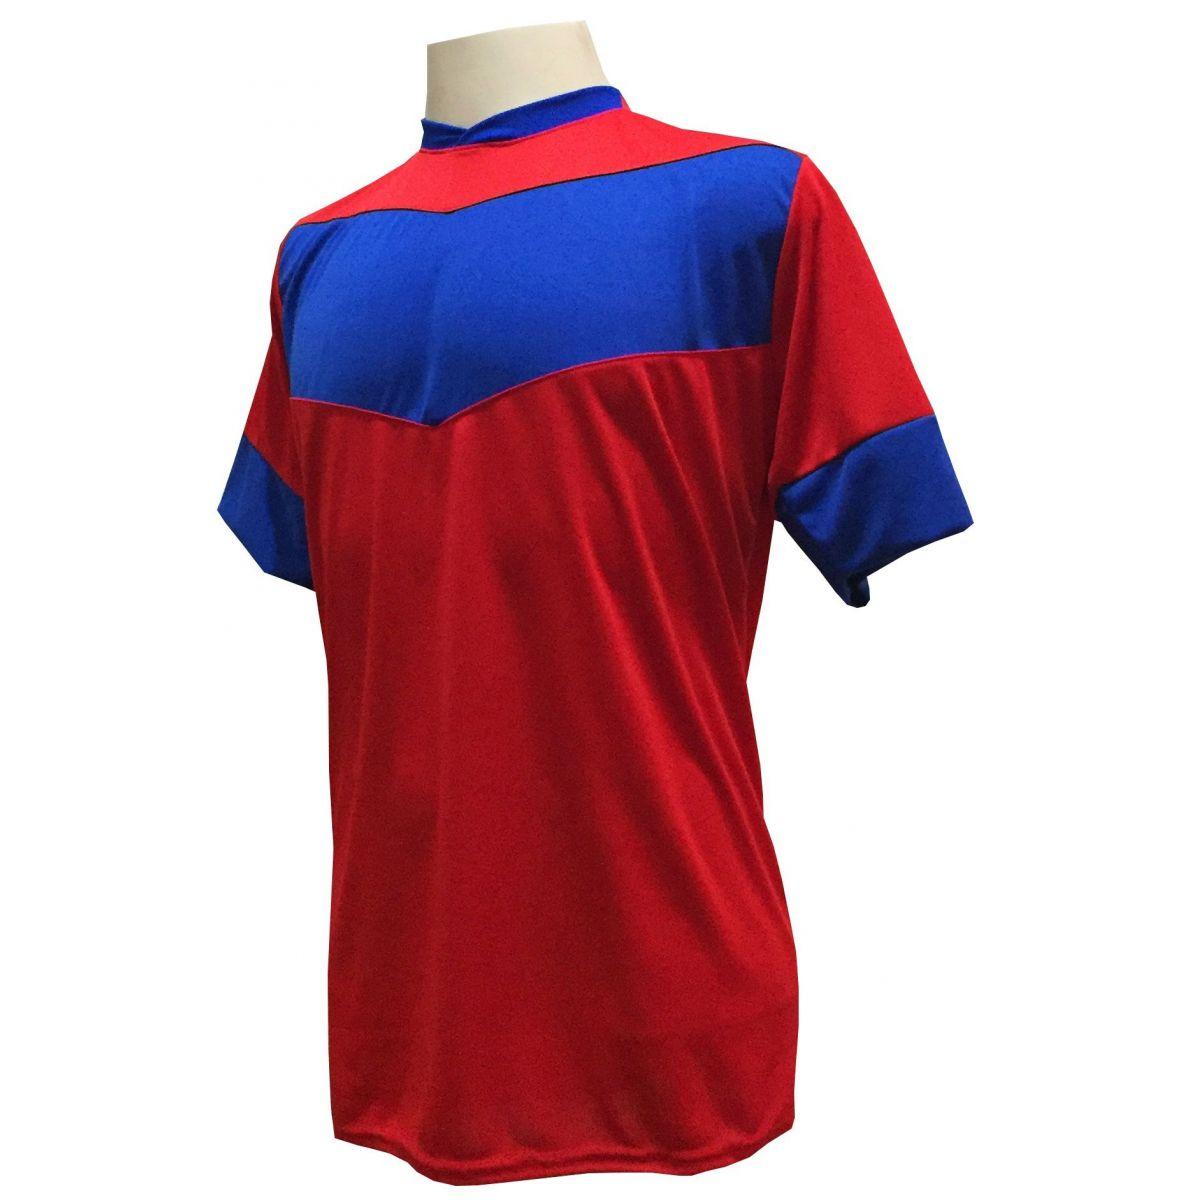 Fardamento Completo Modelo Columbus 18+1 (18 Camisas Vermelho/Royal + 18 Calções Madrid Vermelho + 18 Pares de Meiões Royal + 1 Conjunto de Goleiro) + Brindes